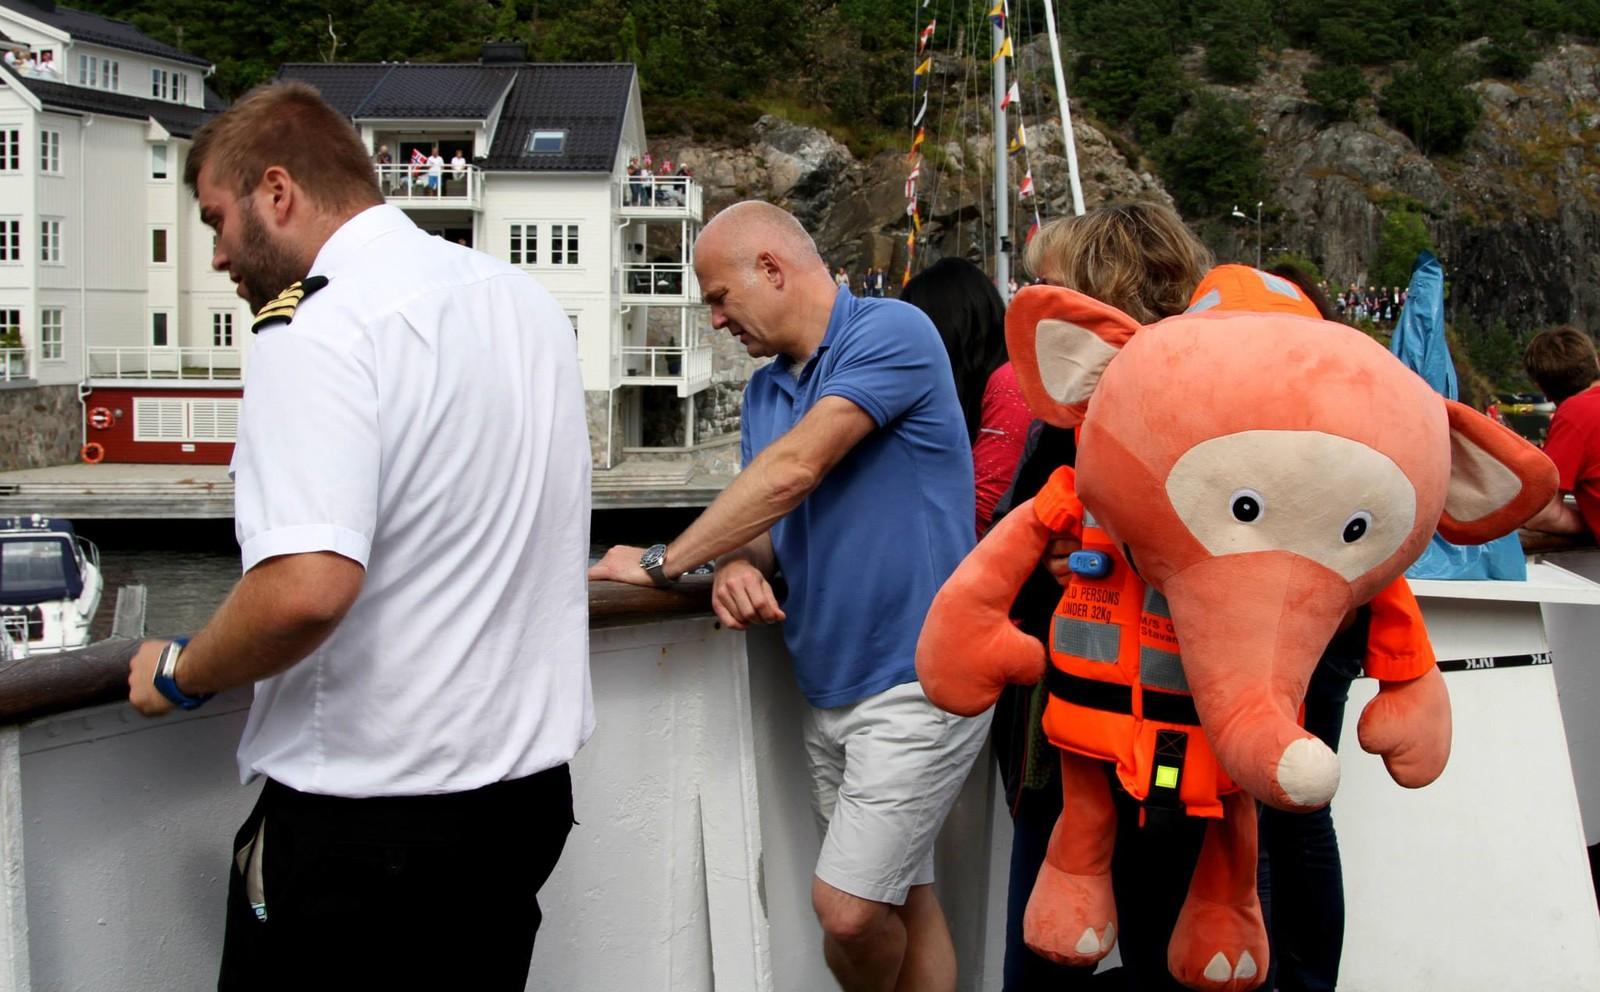 Mannskapet har sett ut ekstra personell for å holde øye med staken. Både Kringkastingssjef Thor Gjermund Eriksen og Fantorangen deltar.